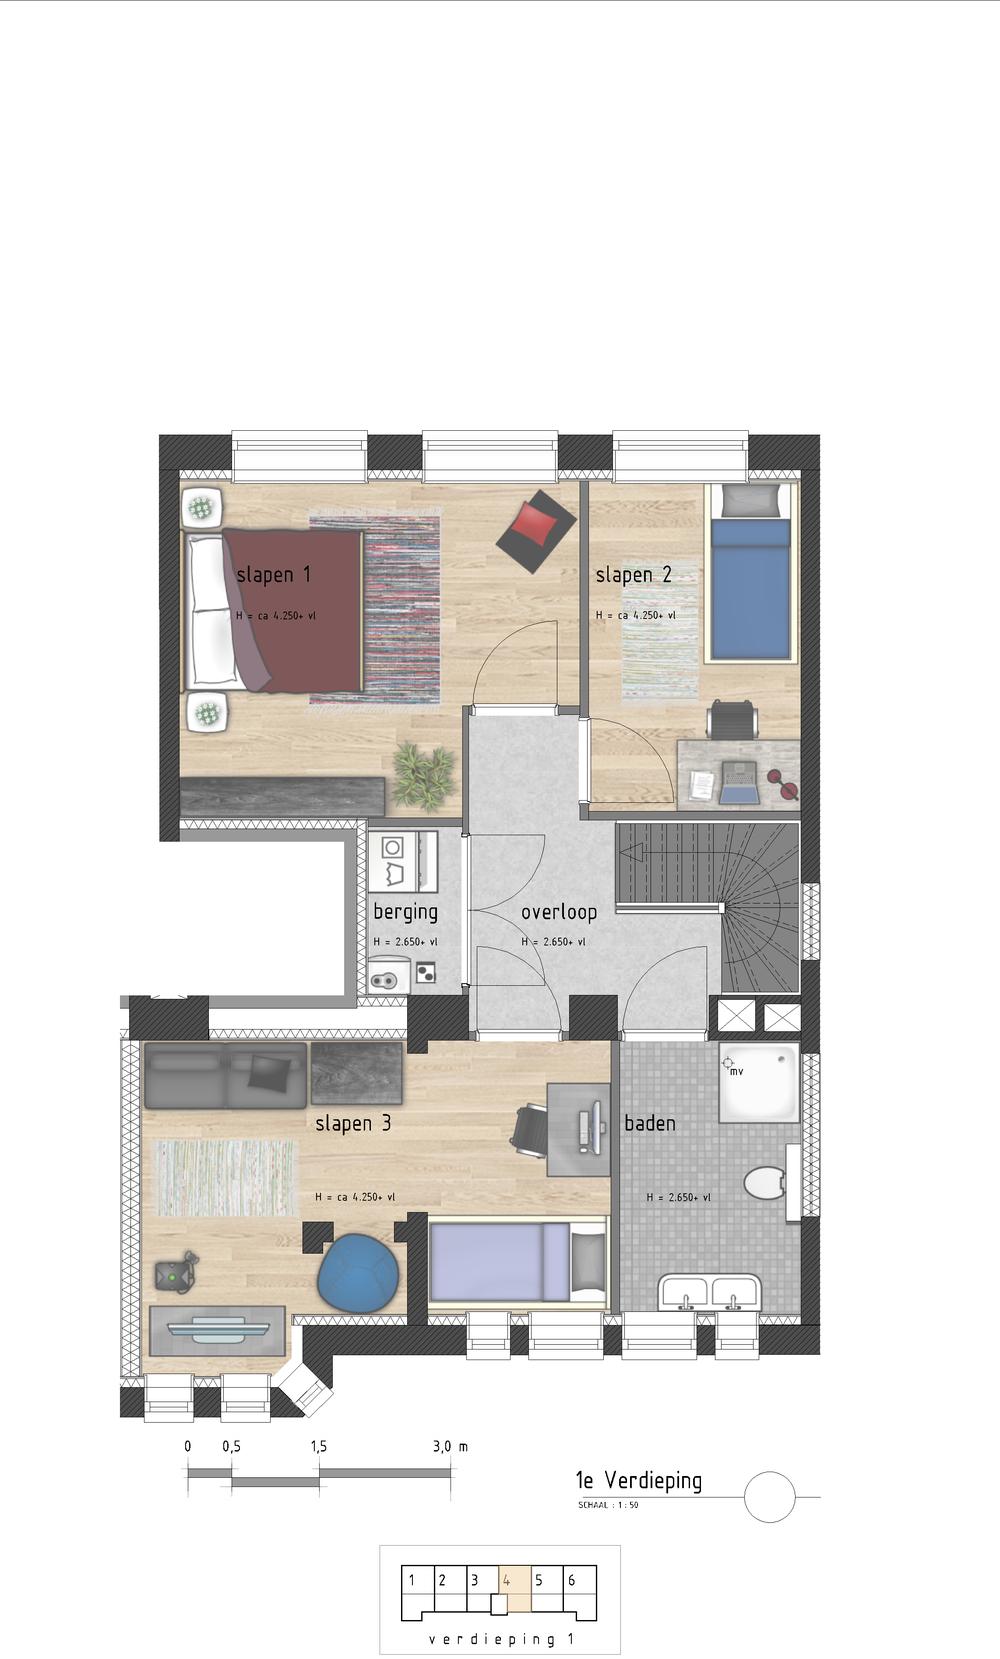 t.008_BA 120.Plattegronden.Floorplanner - d.d. 14.11.2016-04.01.png